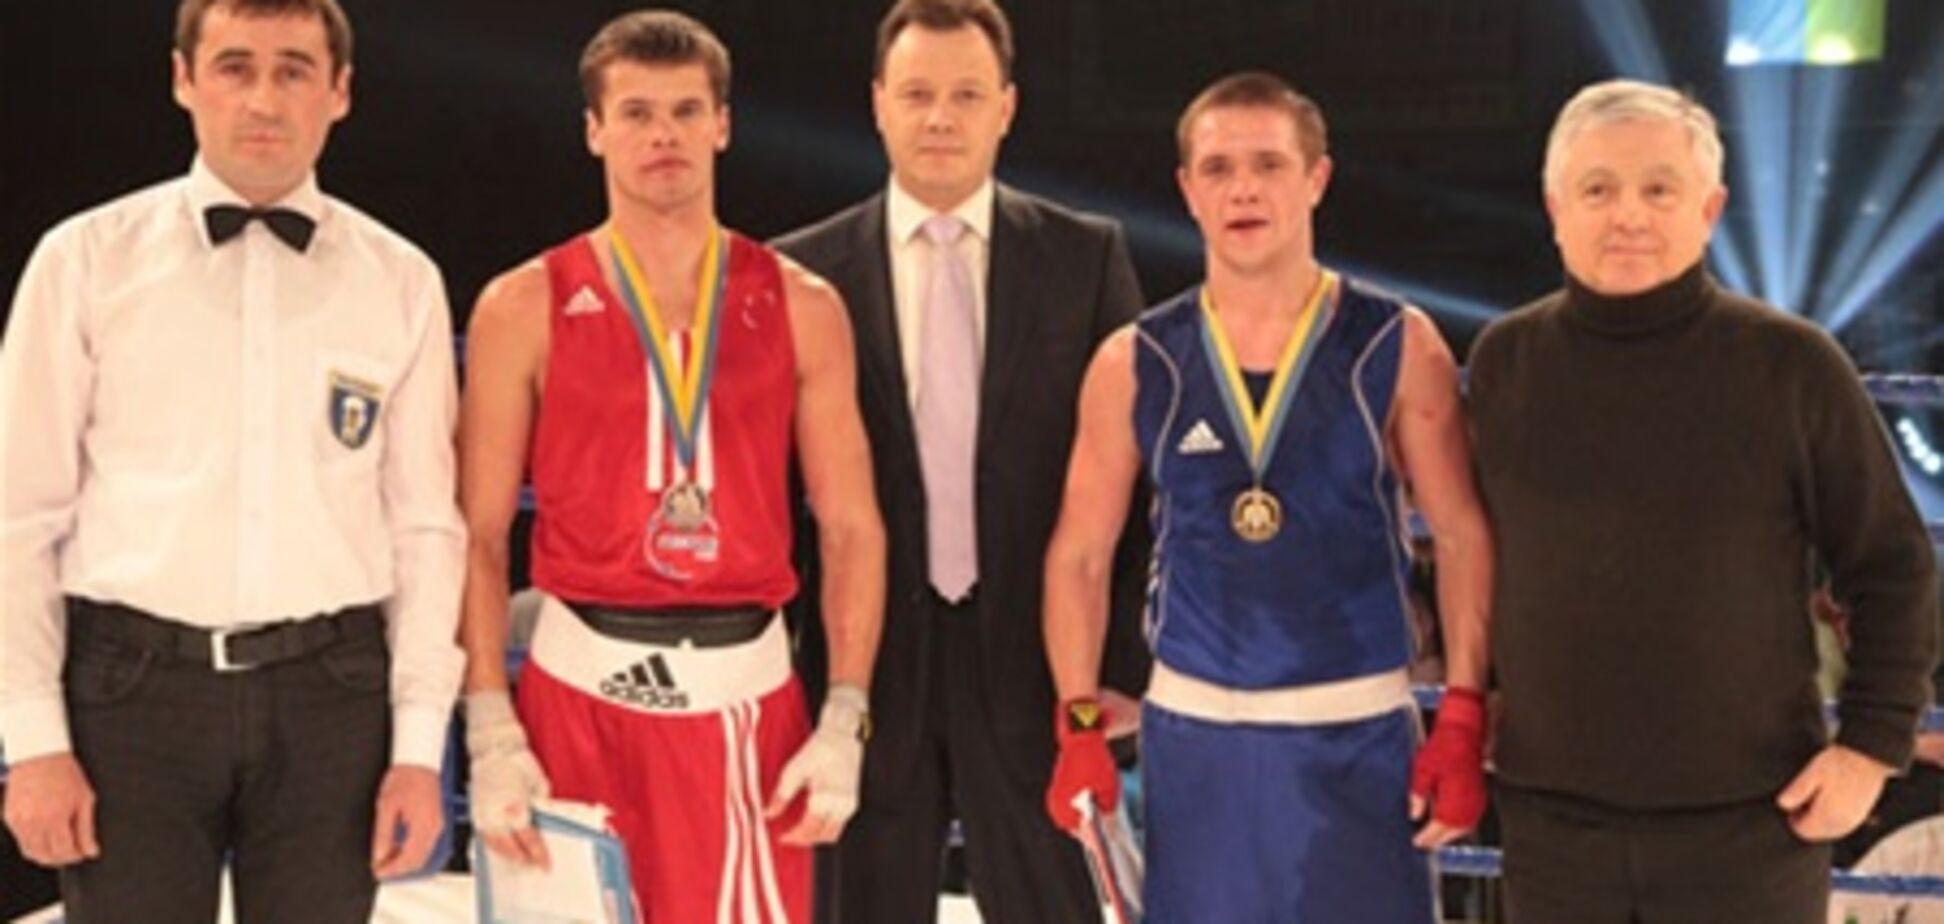 Состоялся финал турнира сильнейших боксеров Украины